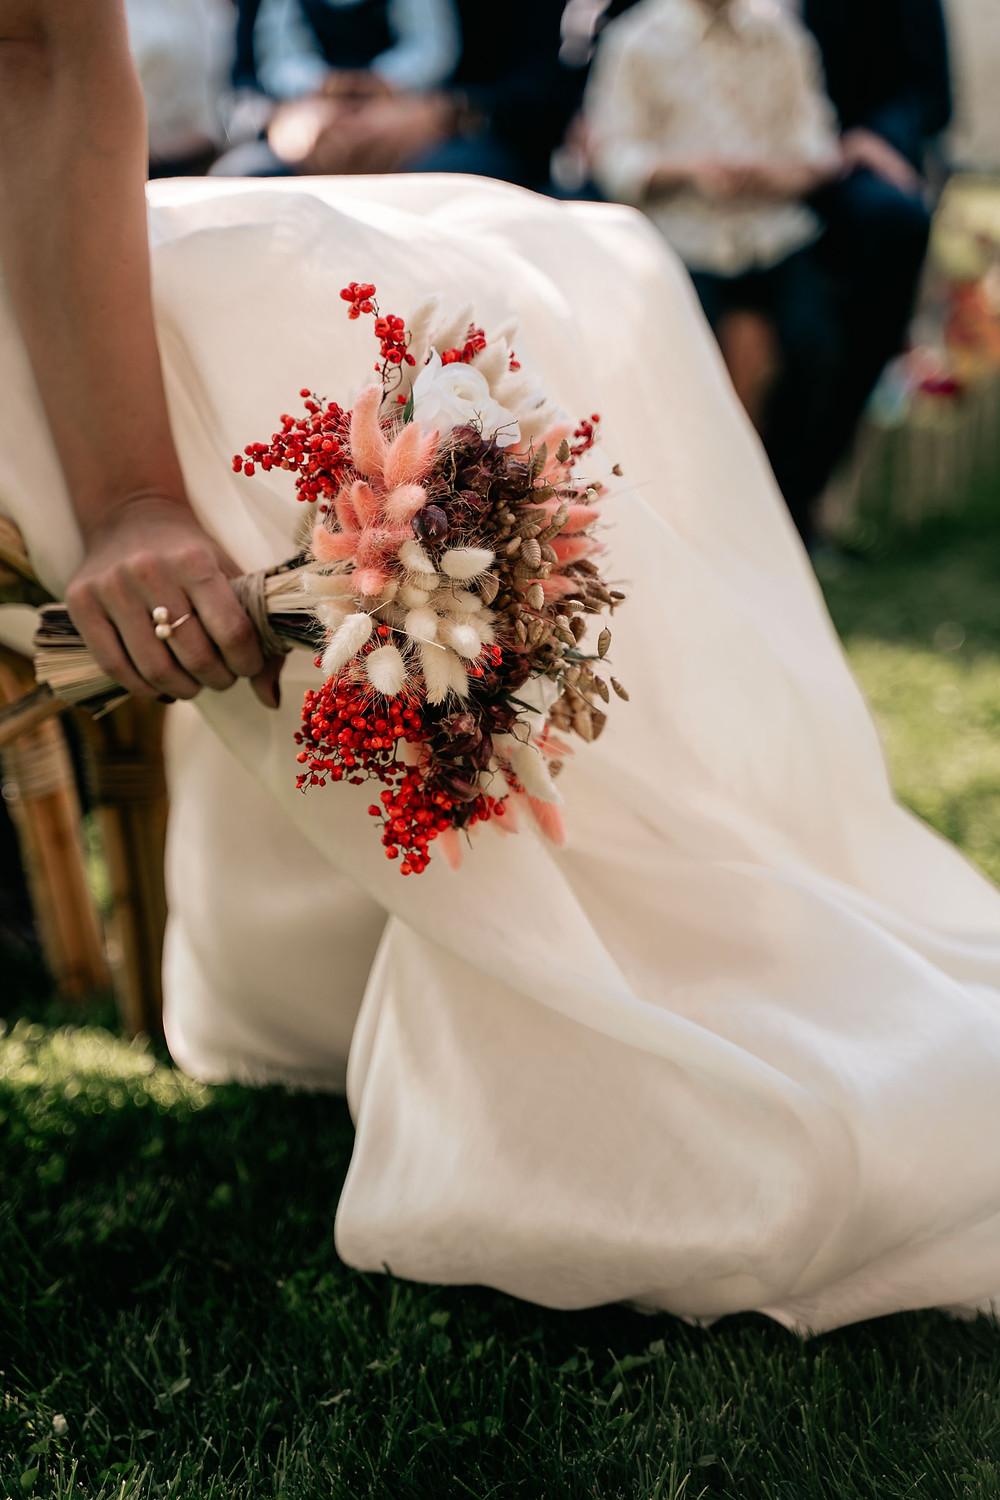 Bouquet de fleurs séchées - Mariage au Carré 1705-Angoulins (17)